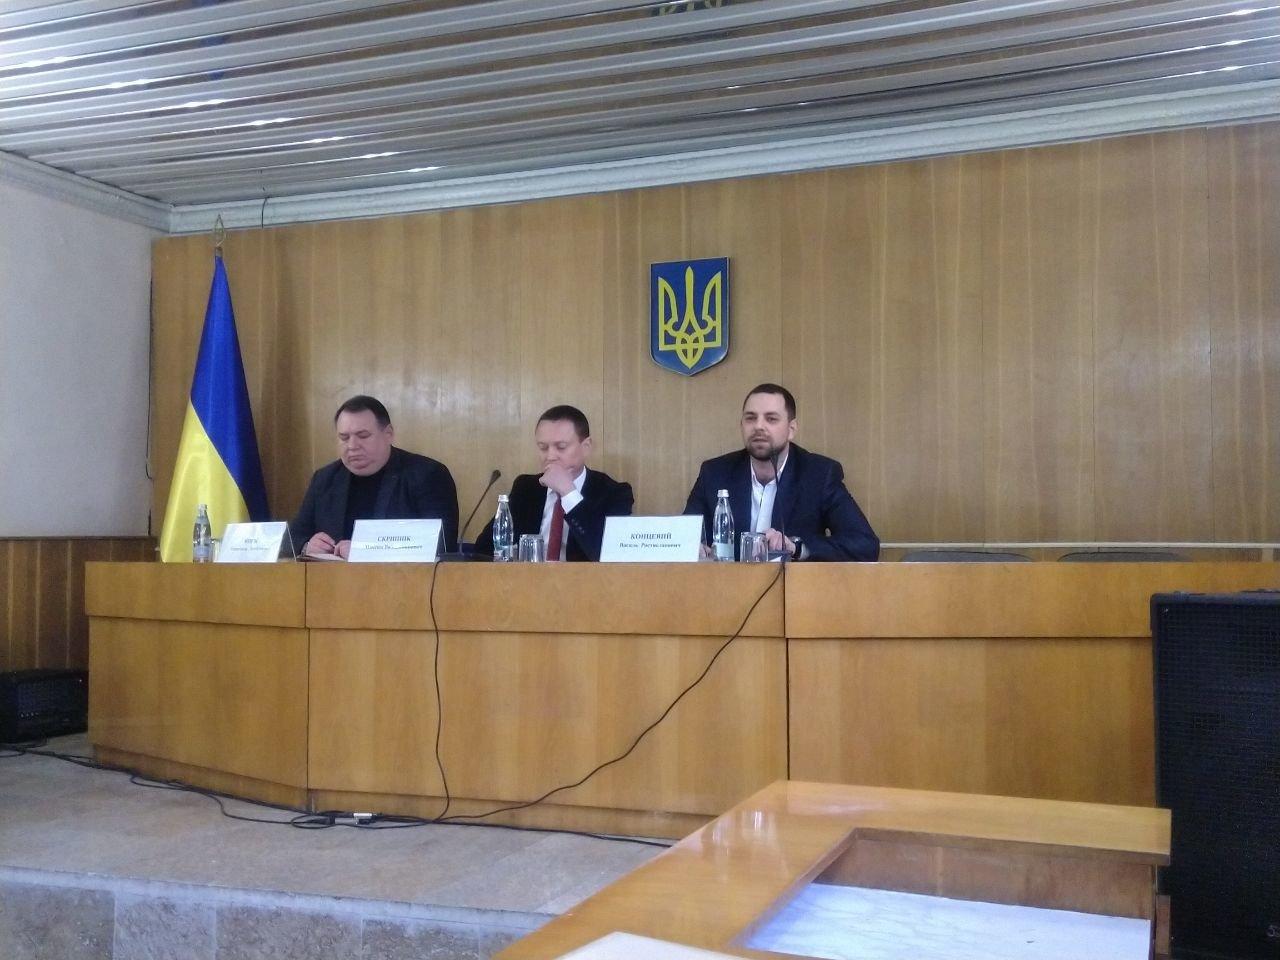 В Днепропетровской области назначили 7 новых глав районных администраций, - ФОТО, фото-3